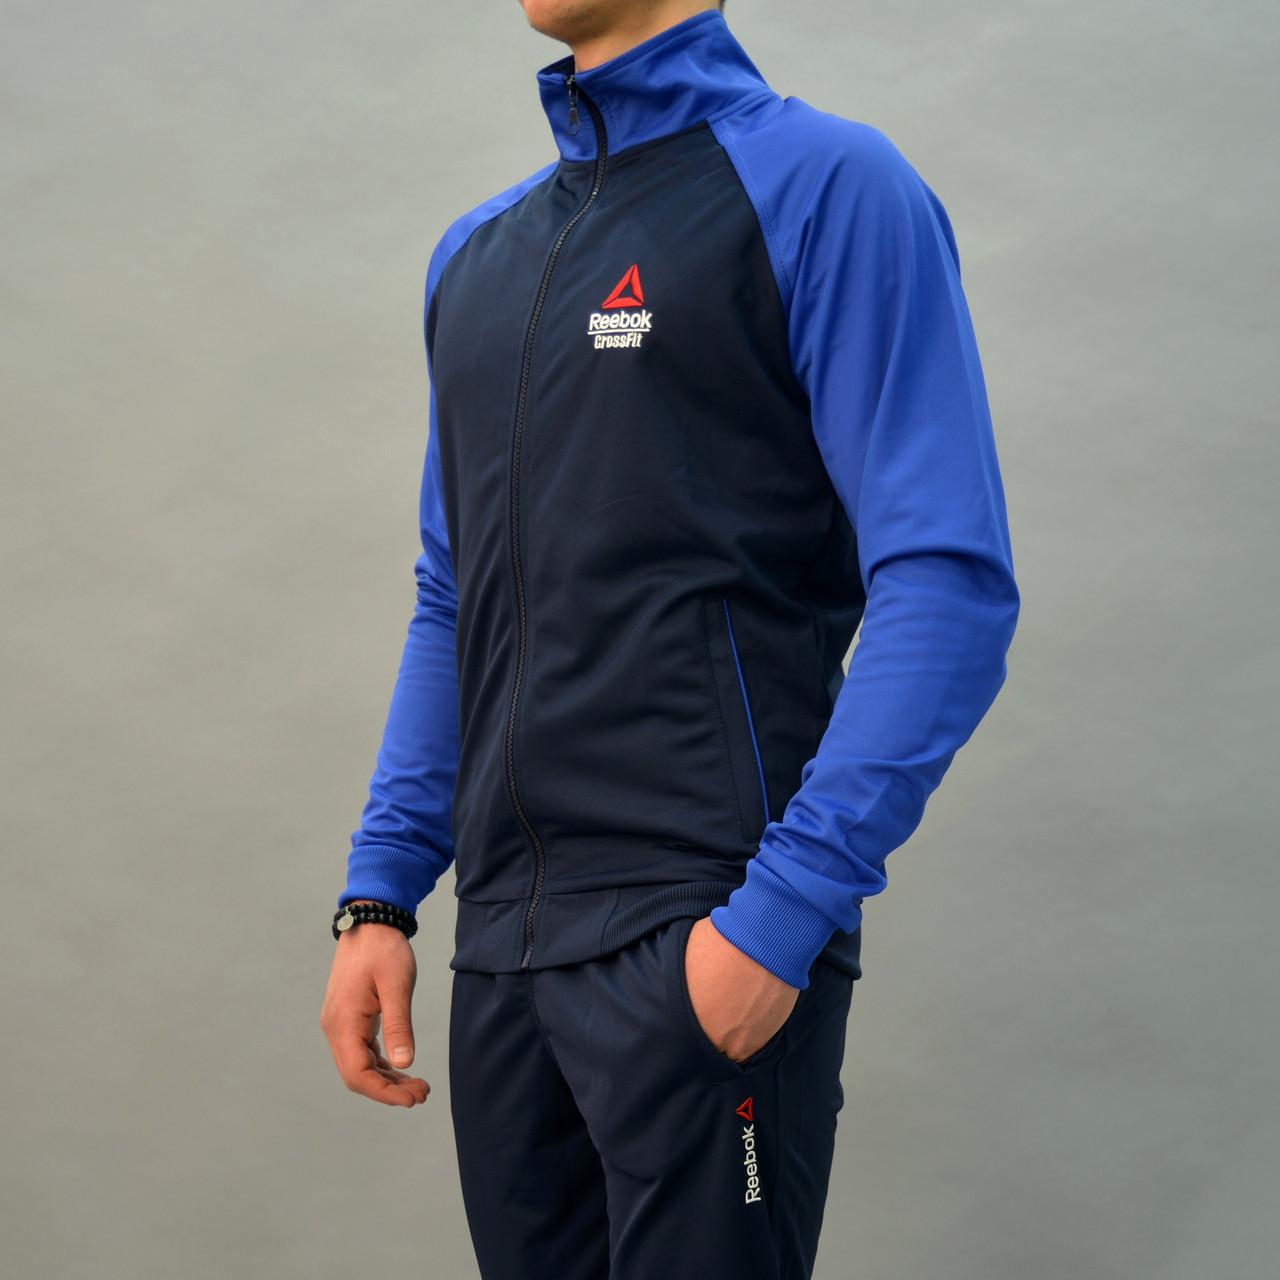 380c624d Размеры: 46,48. Мужской спортивный костюм Reebok Crossfit (Рибок ...